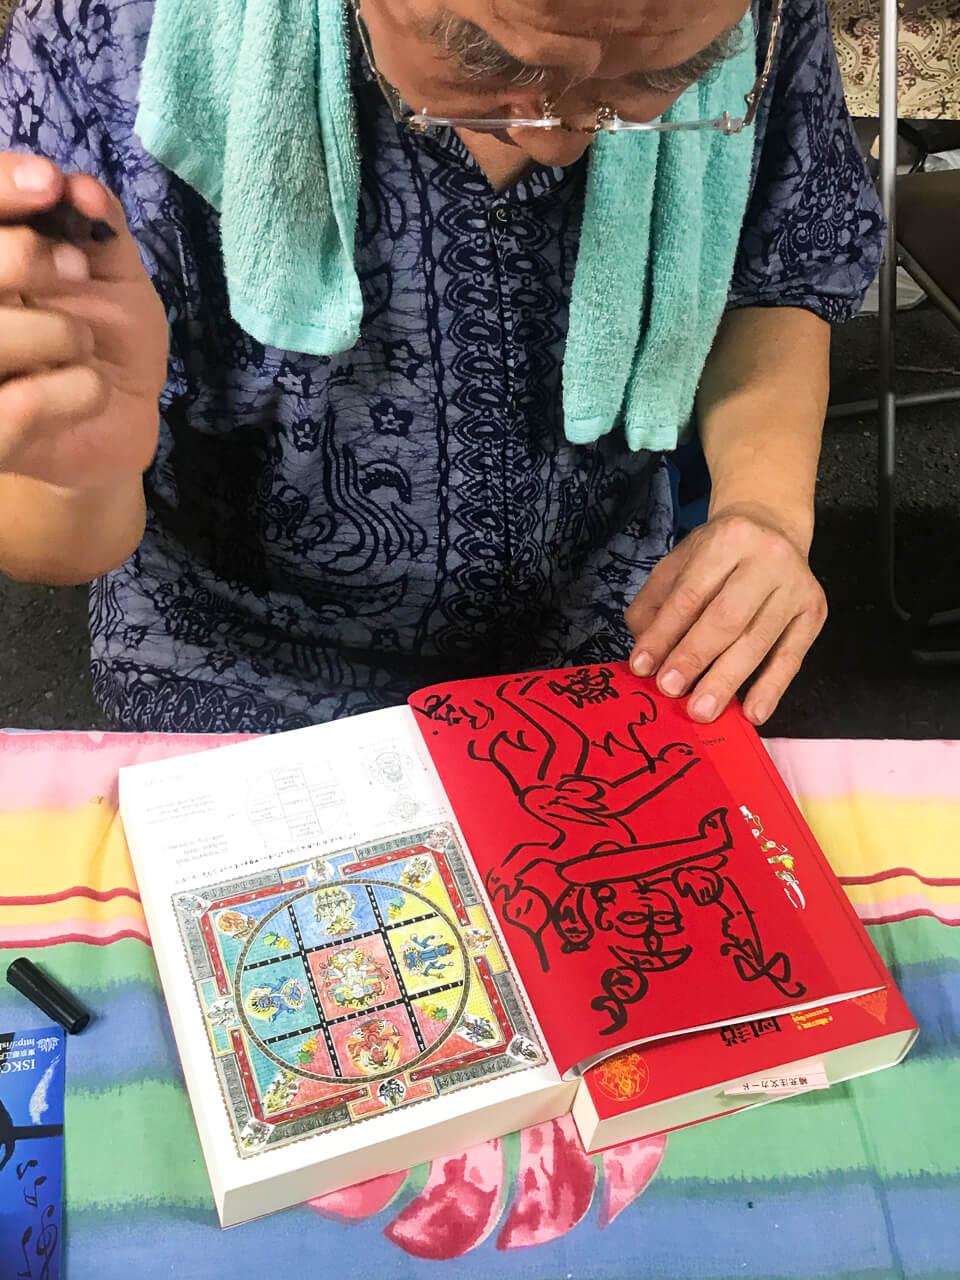 ナマステインディア2019 伊藤武先生 サイン